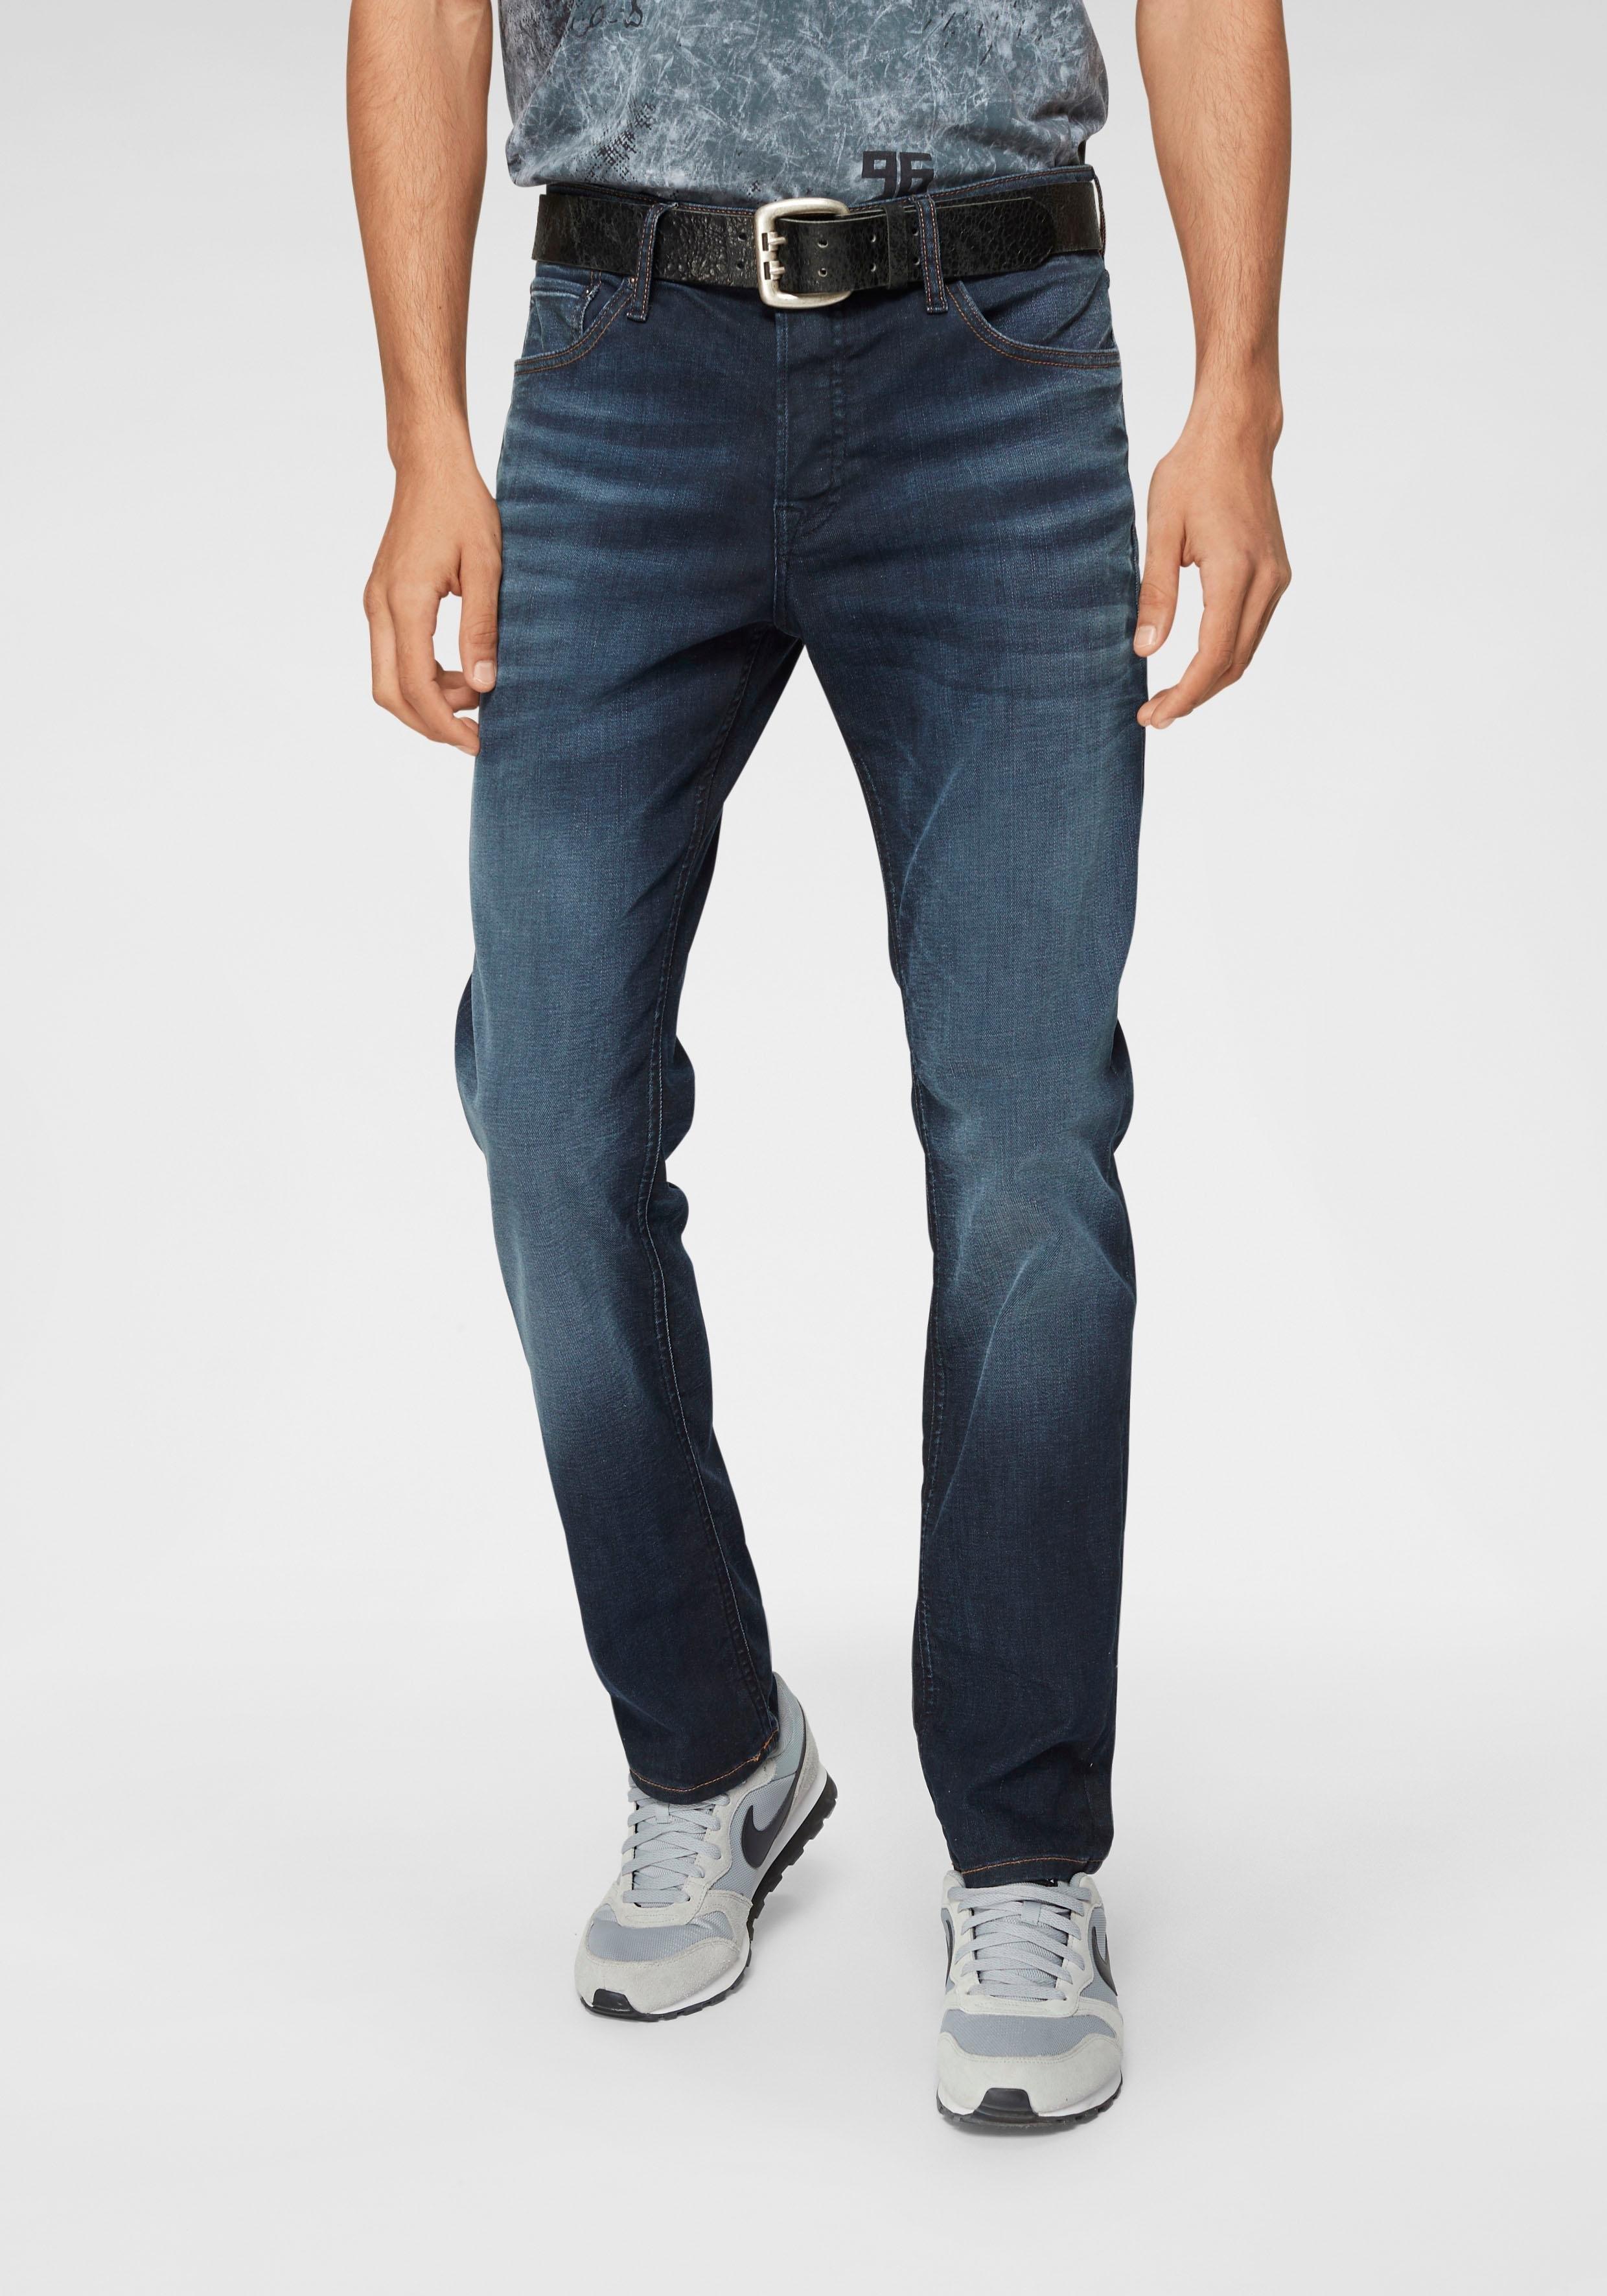 Jack & Jones Slim fit jeans TIM voordelig en veilig online kopen